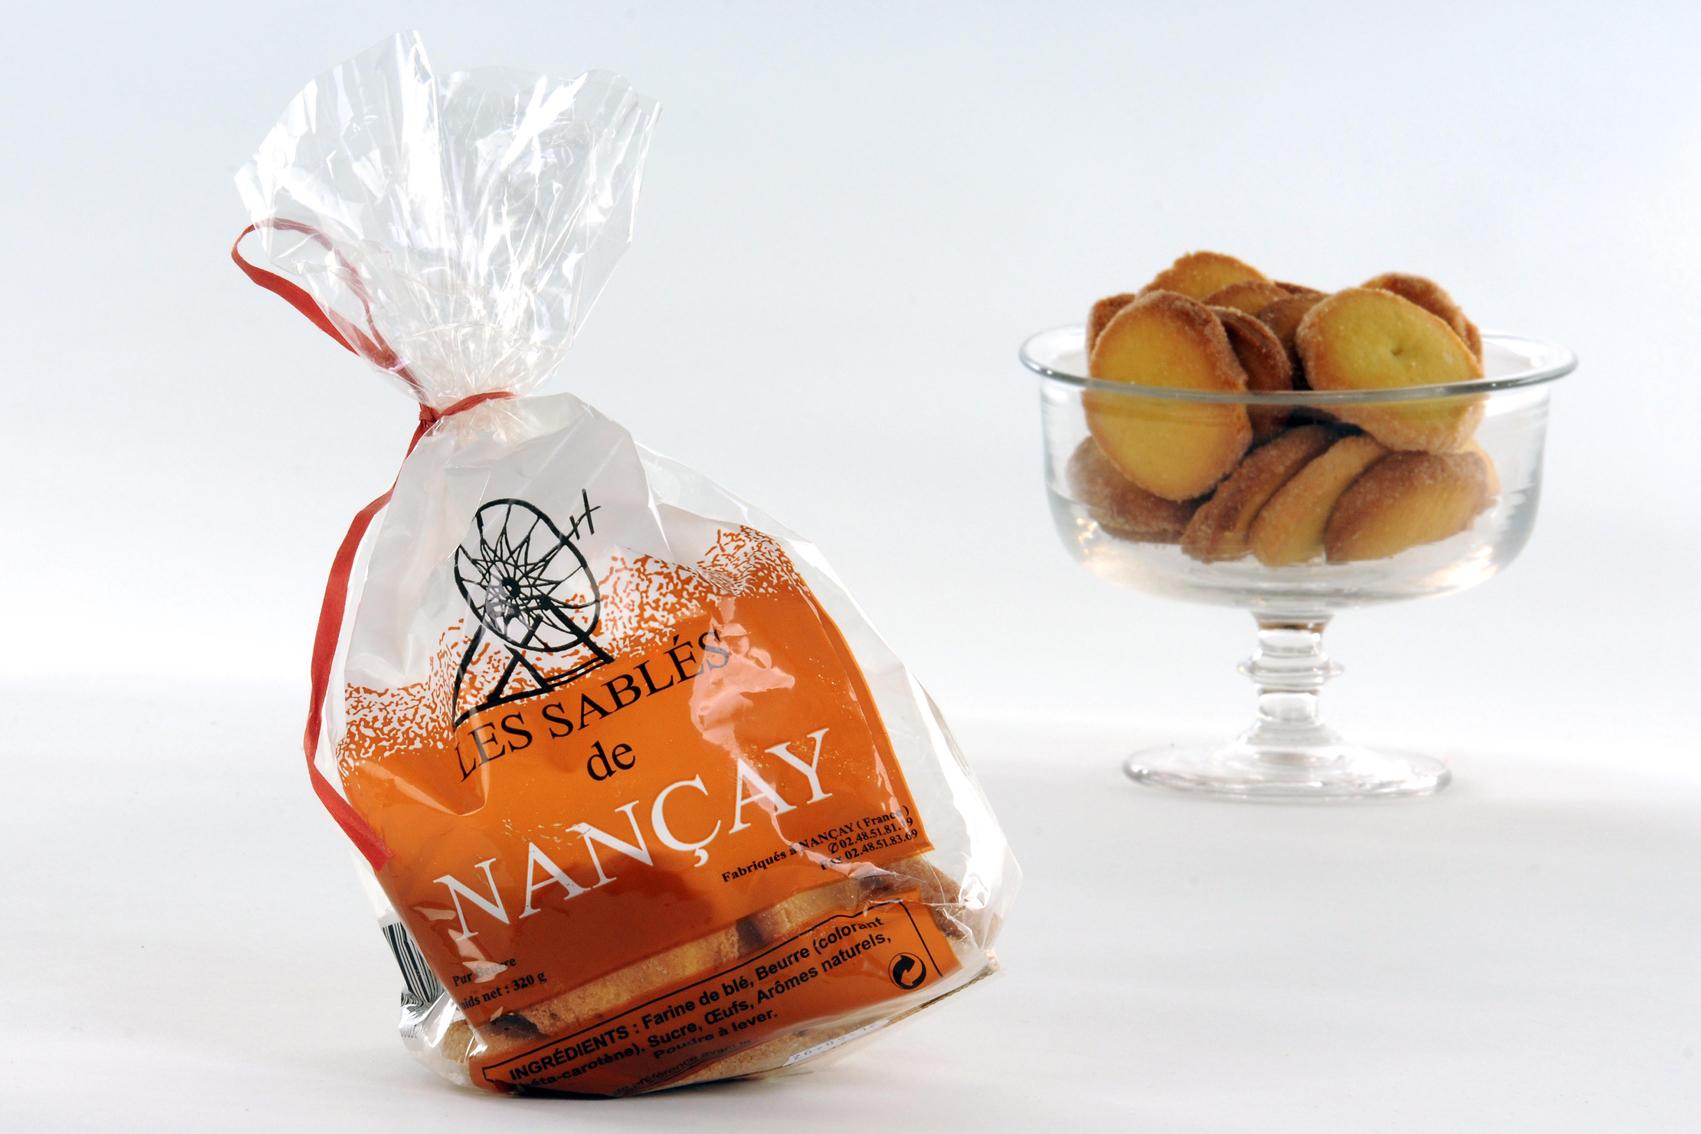 Sablés de Nançay